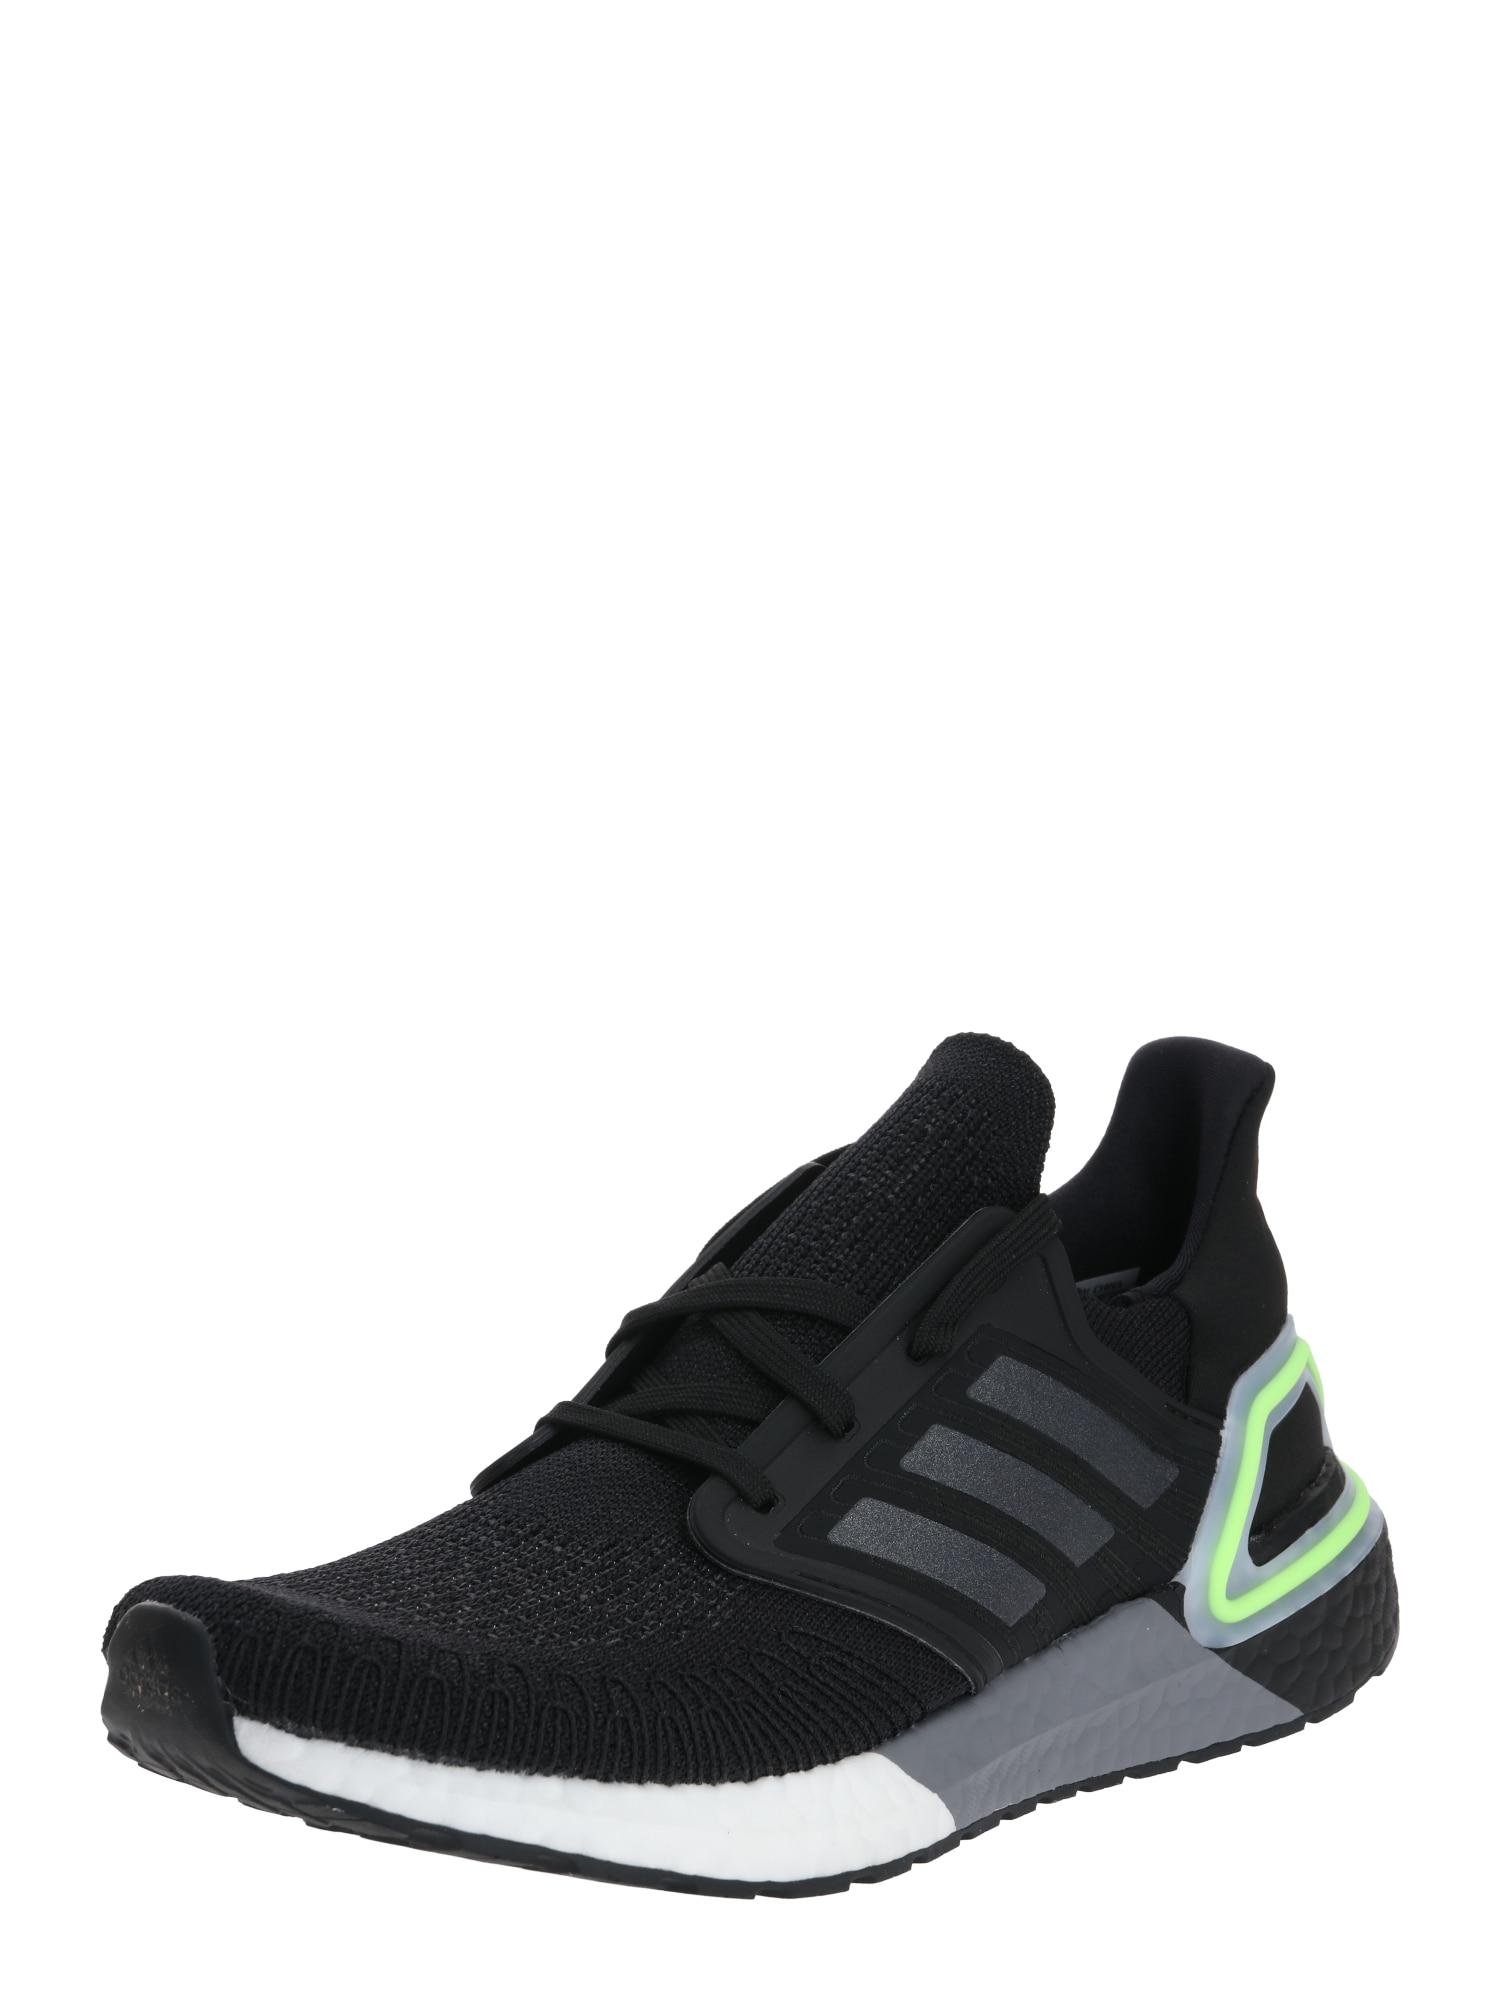 ADIDAS PERFORMANCE Bėgimo batai 'ULTRABOOST 20' juoda / pilka / neoninė žalia